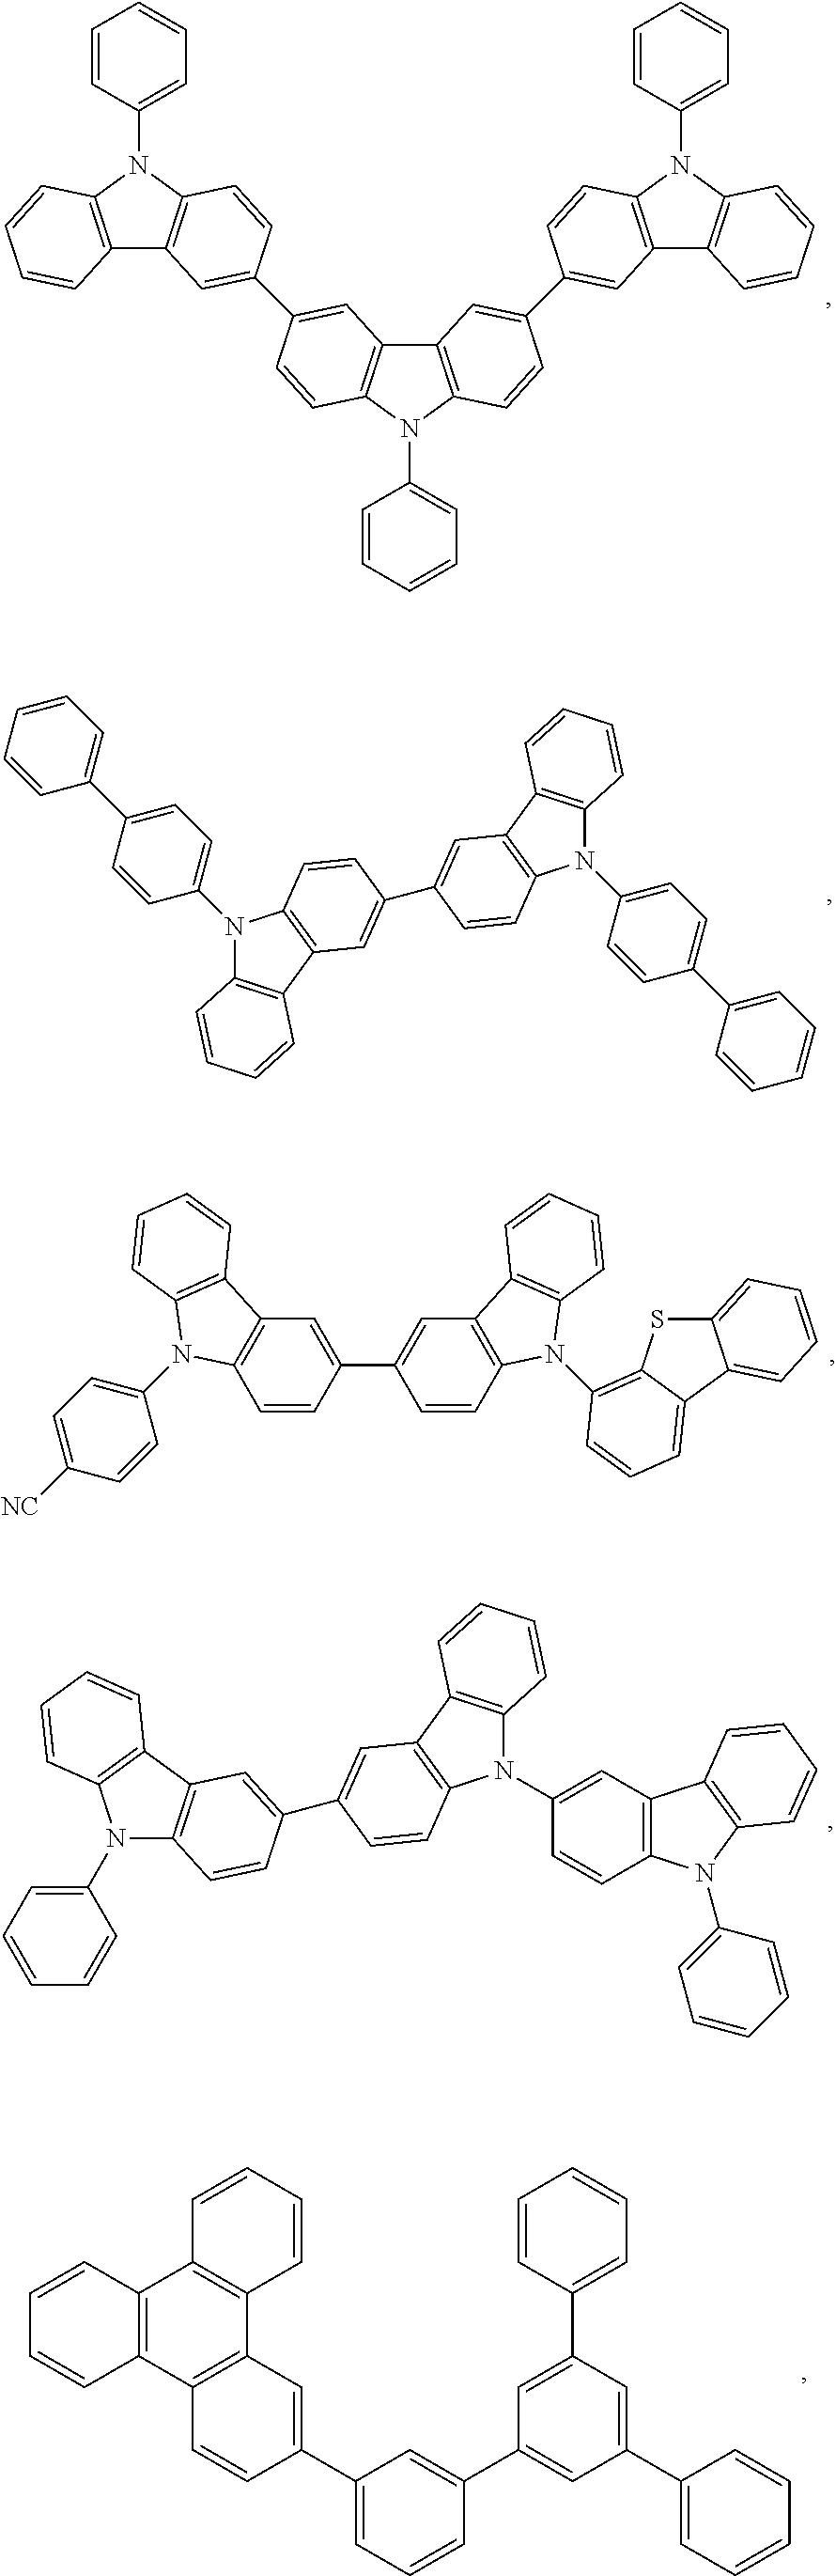 Figure US09711730-20170718-C00049